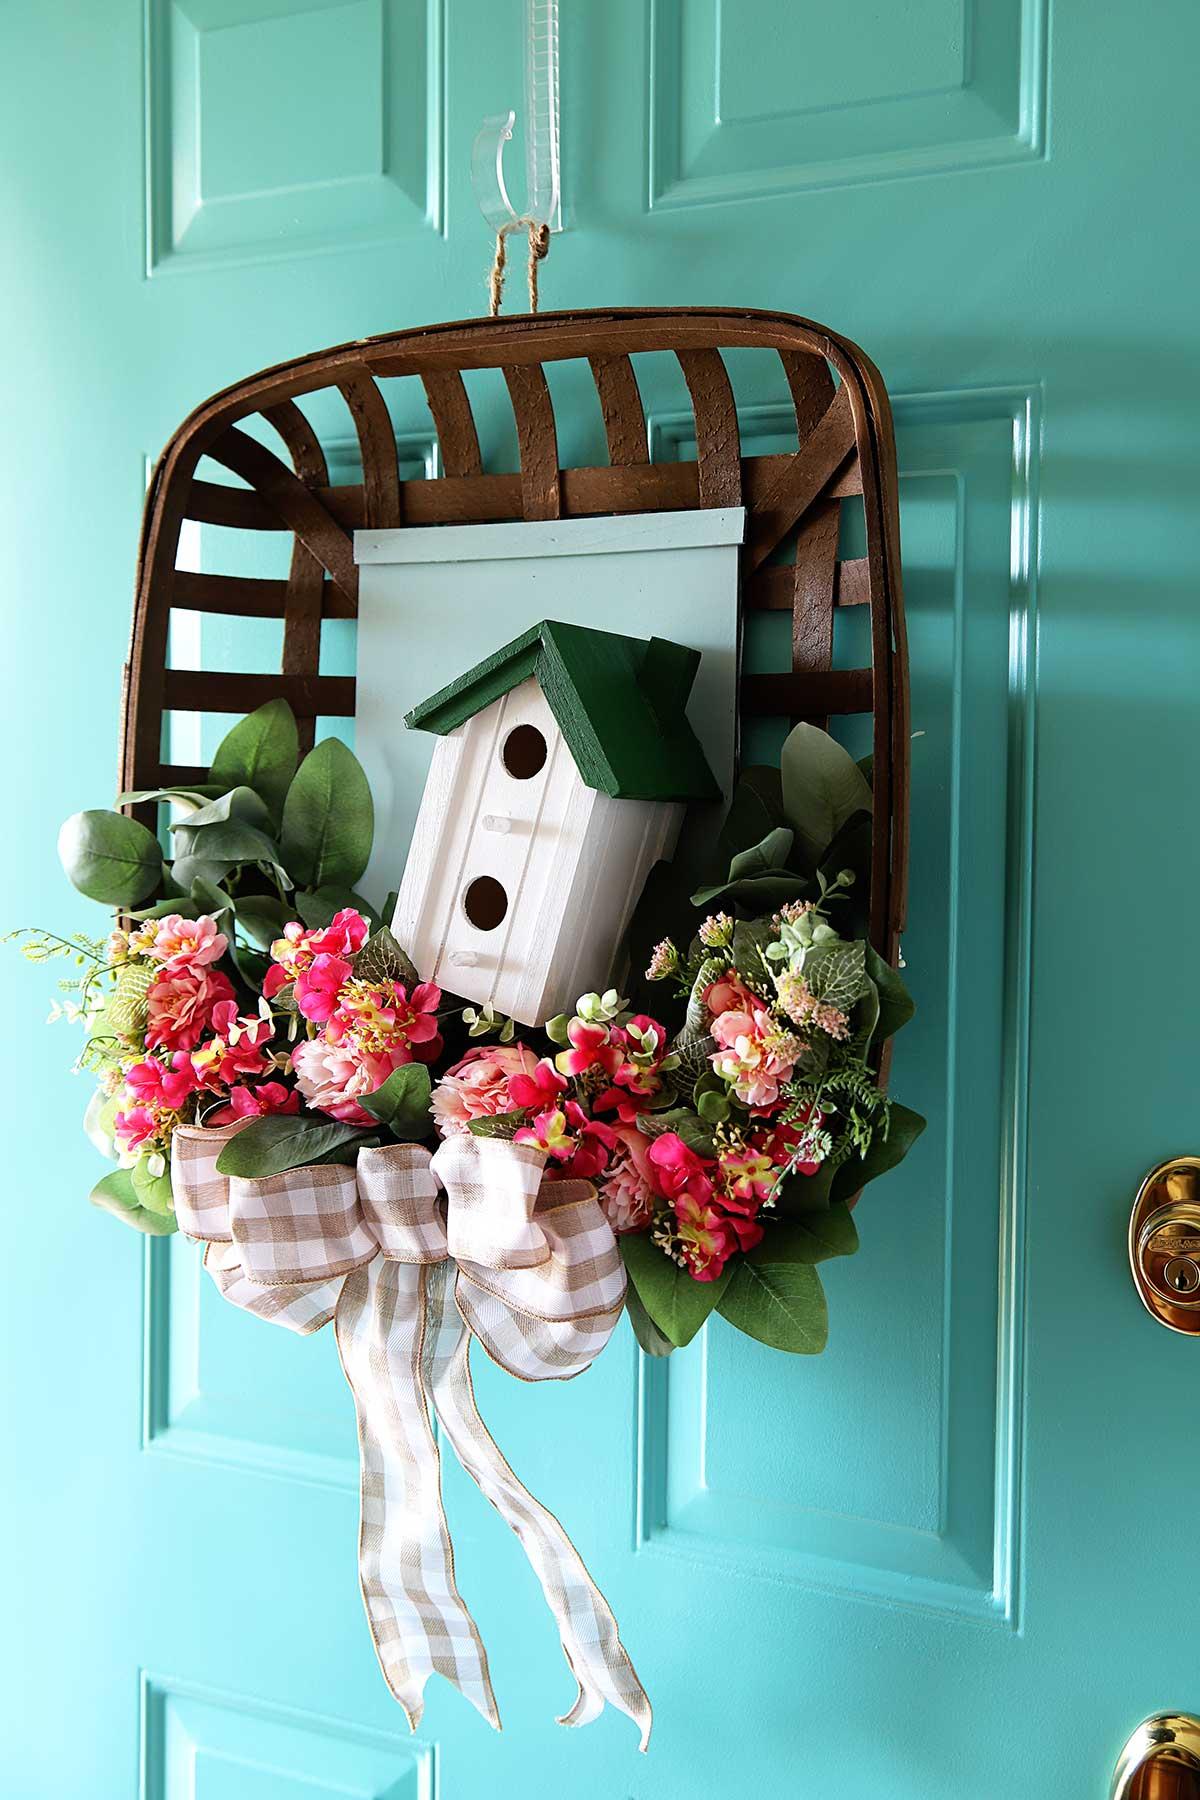 tobacco basket wreath hanging on the front door